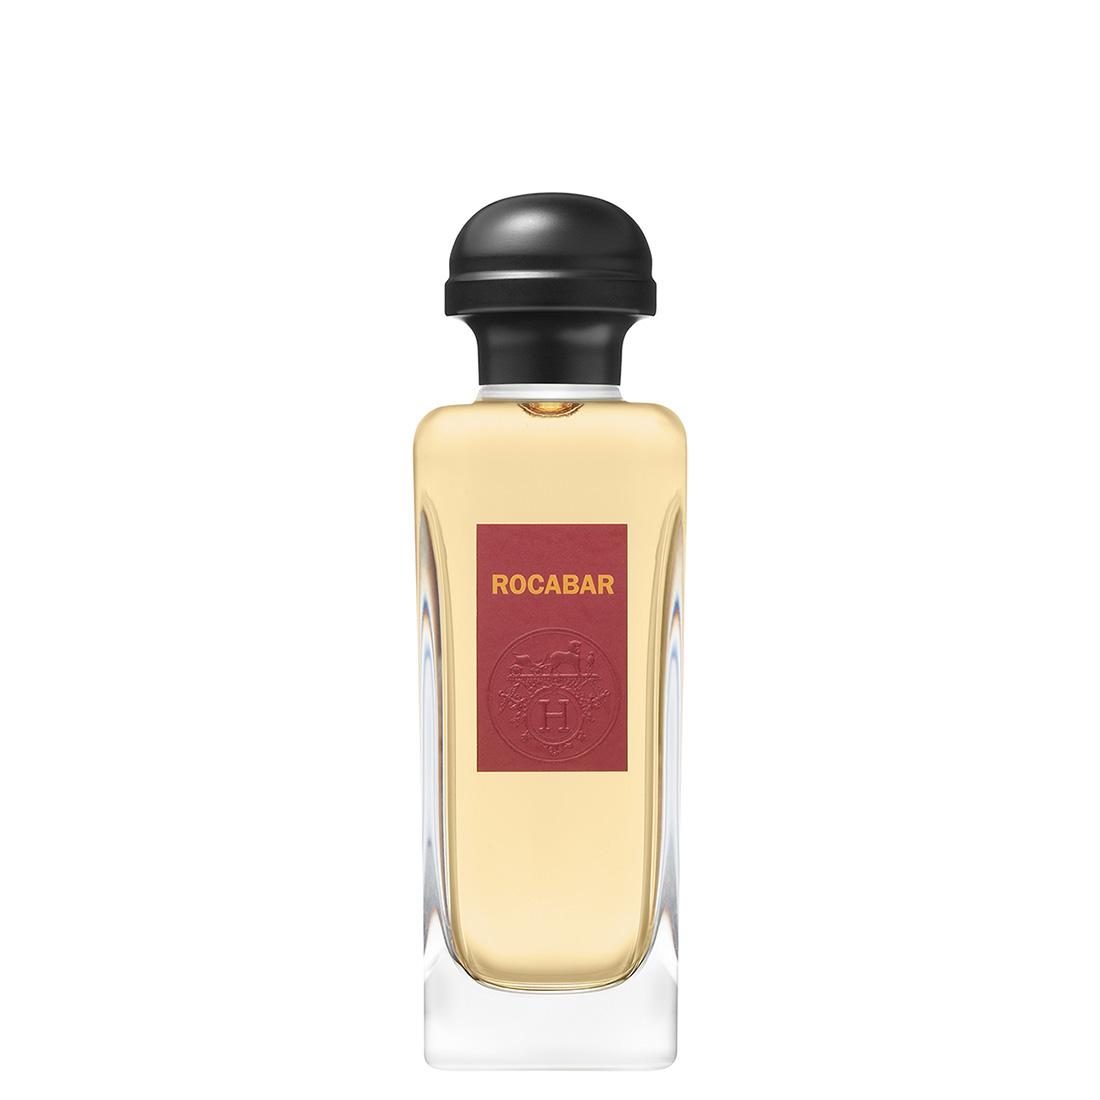 Hermès - Rocabar - Eau de Toilette